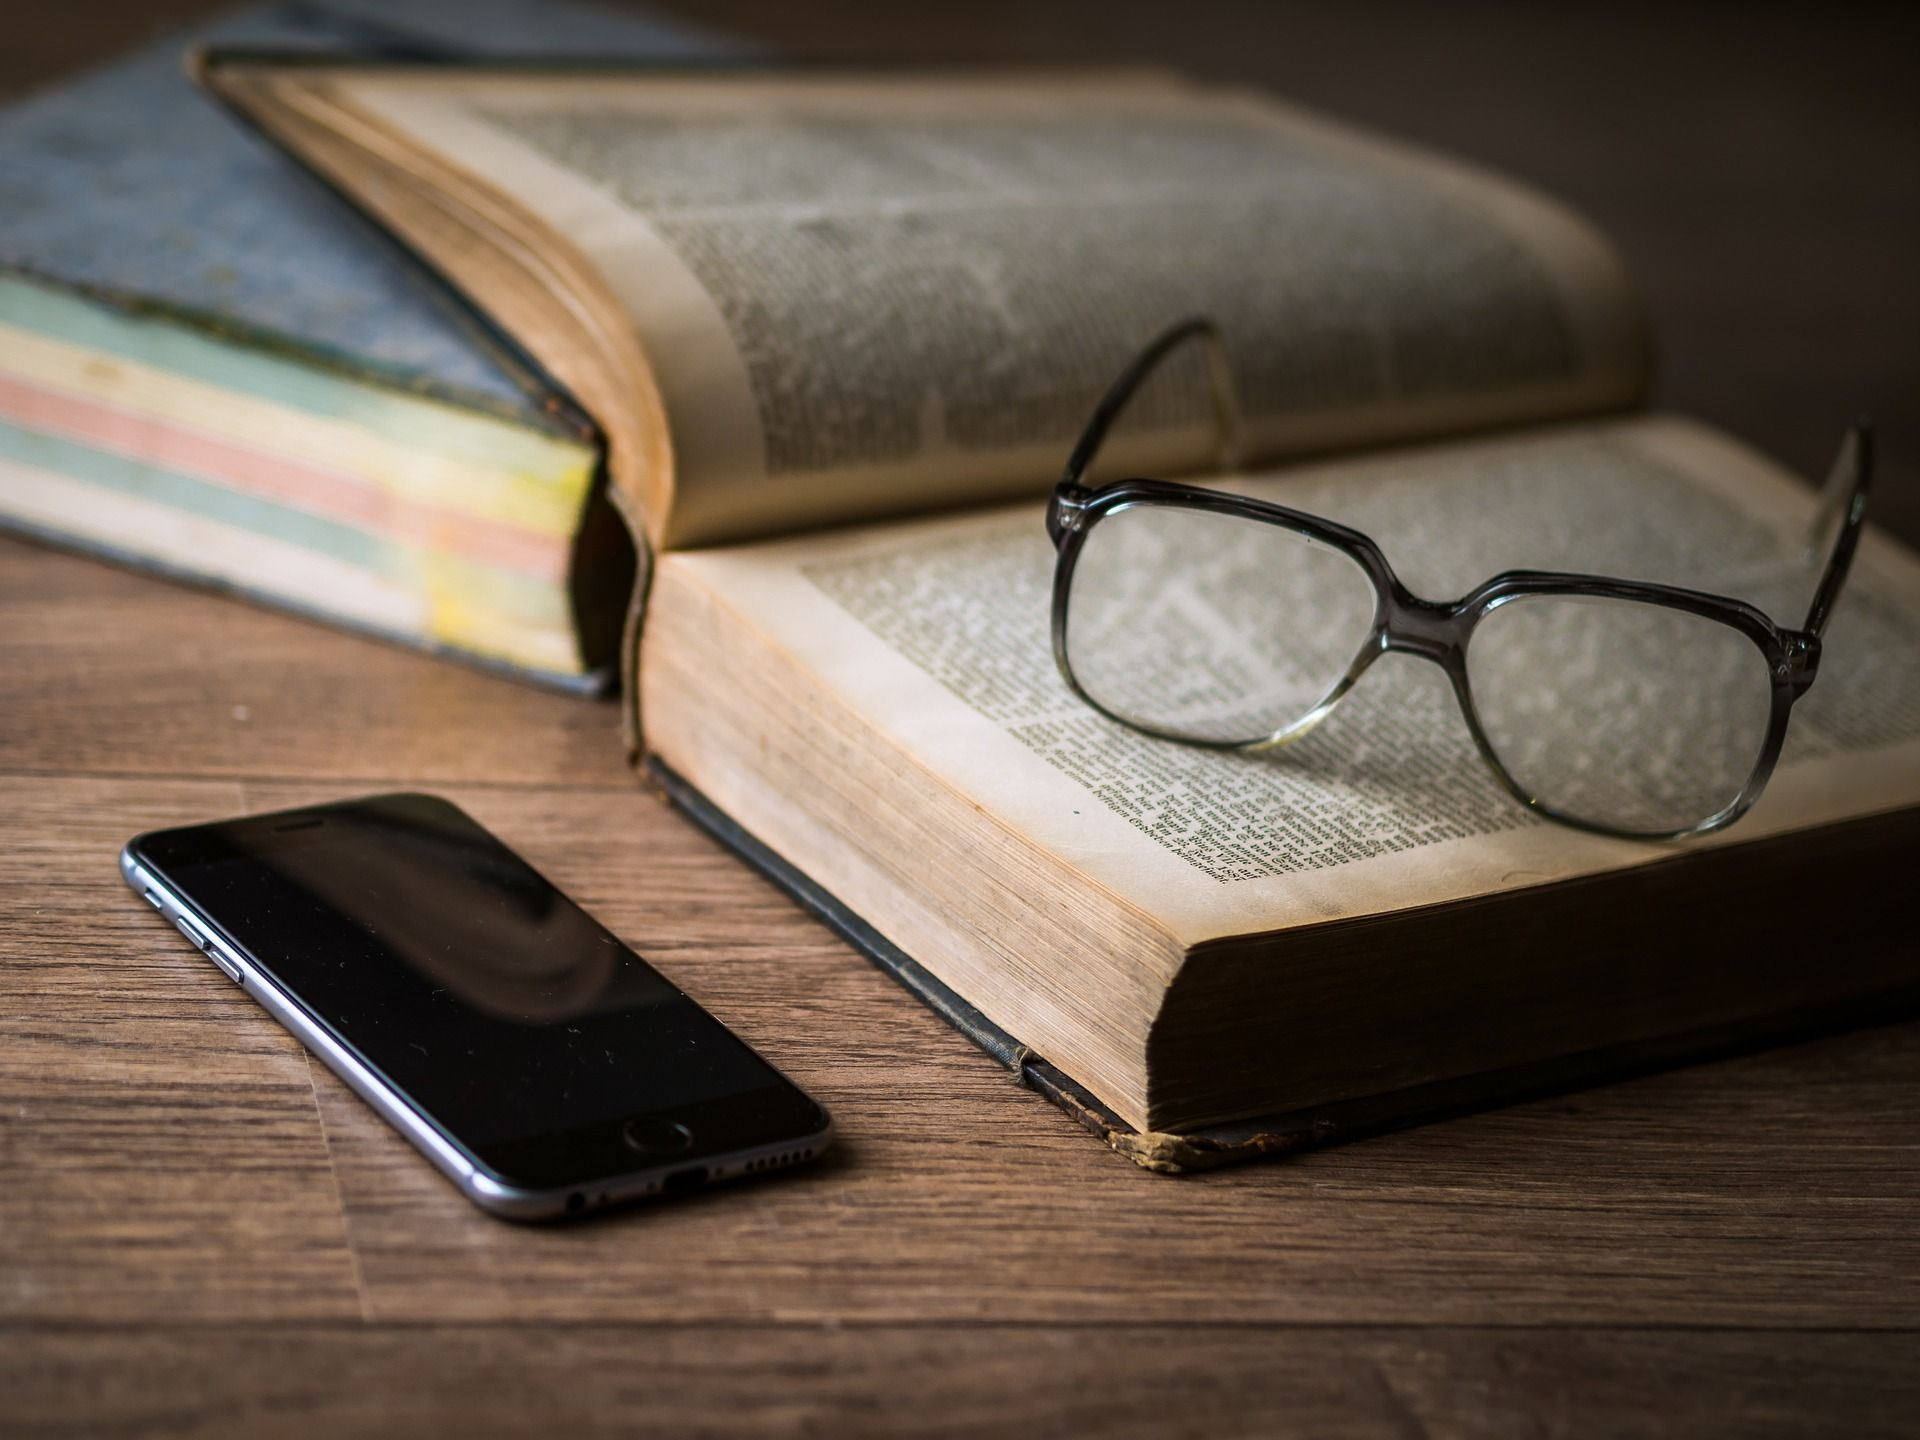 Telefon i książka